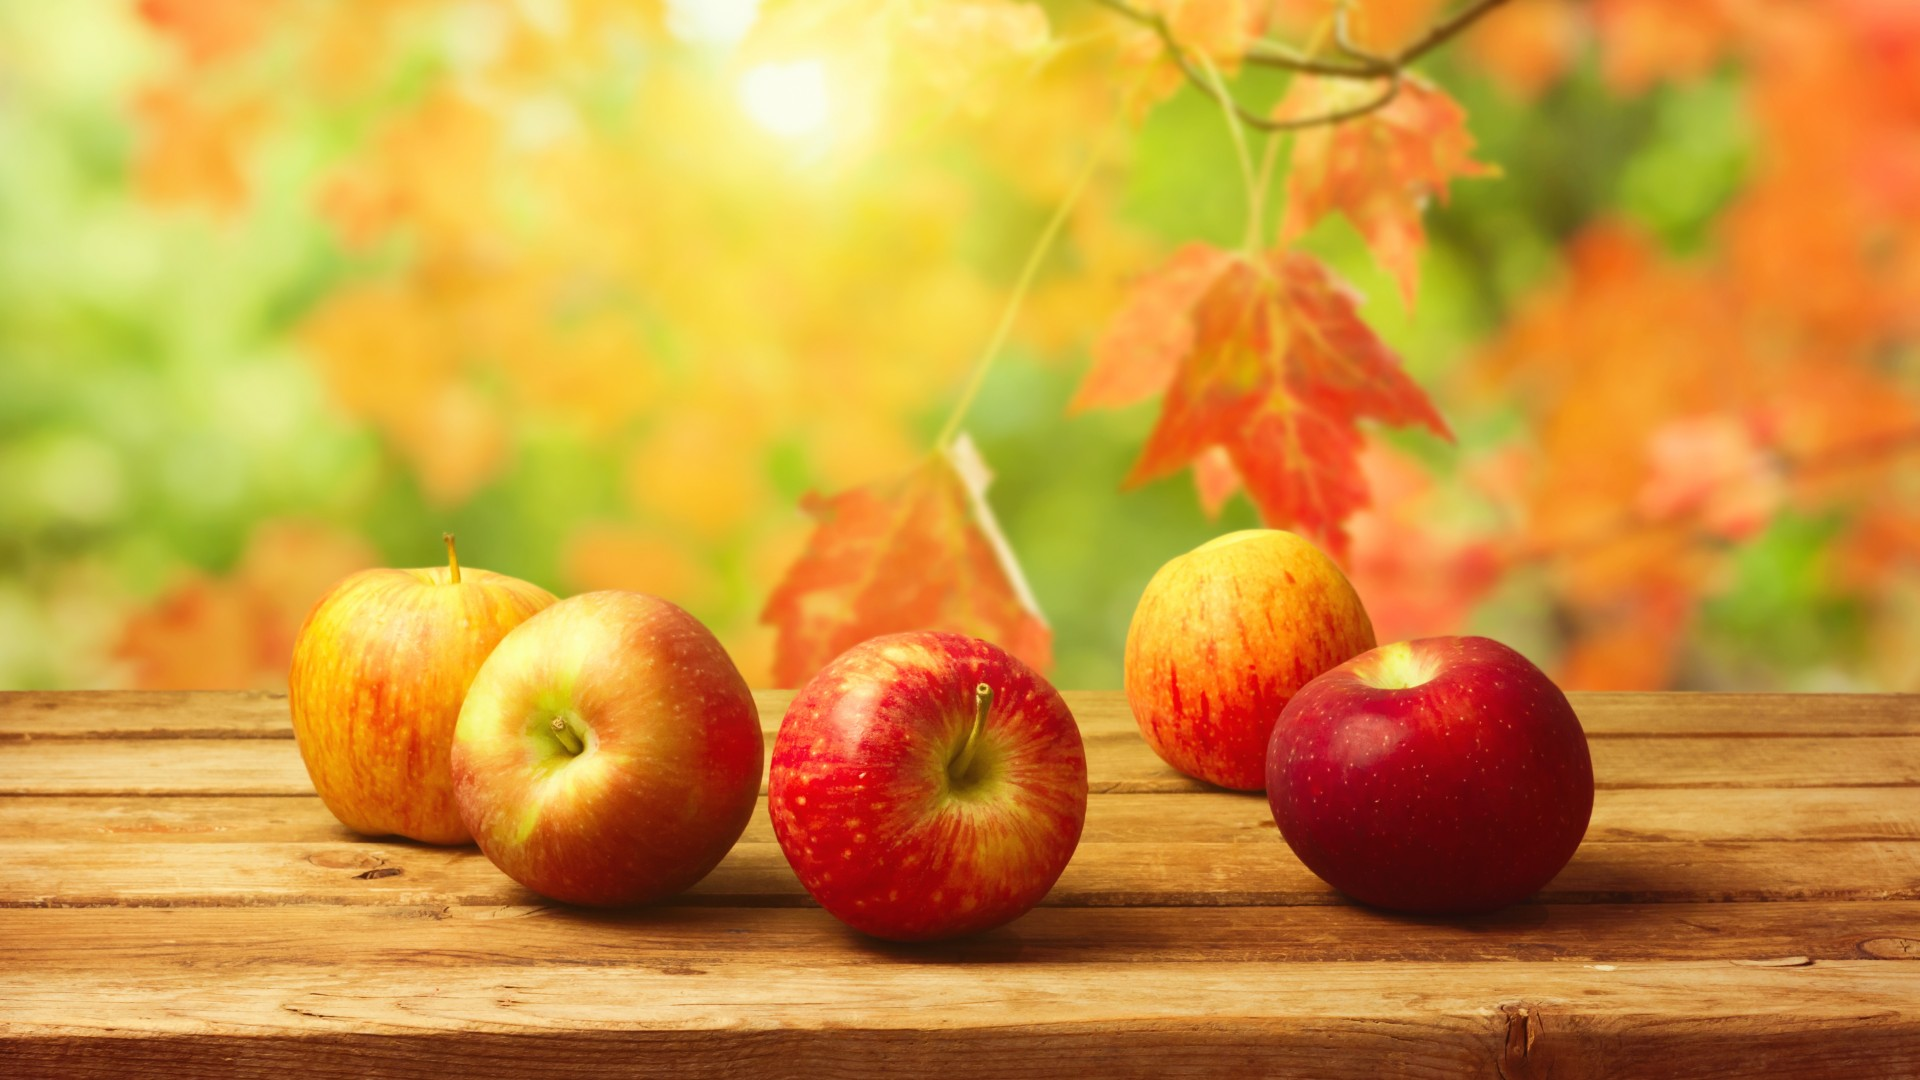 Картинки на рабочий стол осень с рябиной